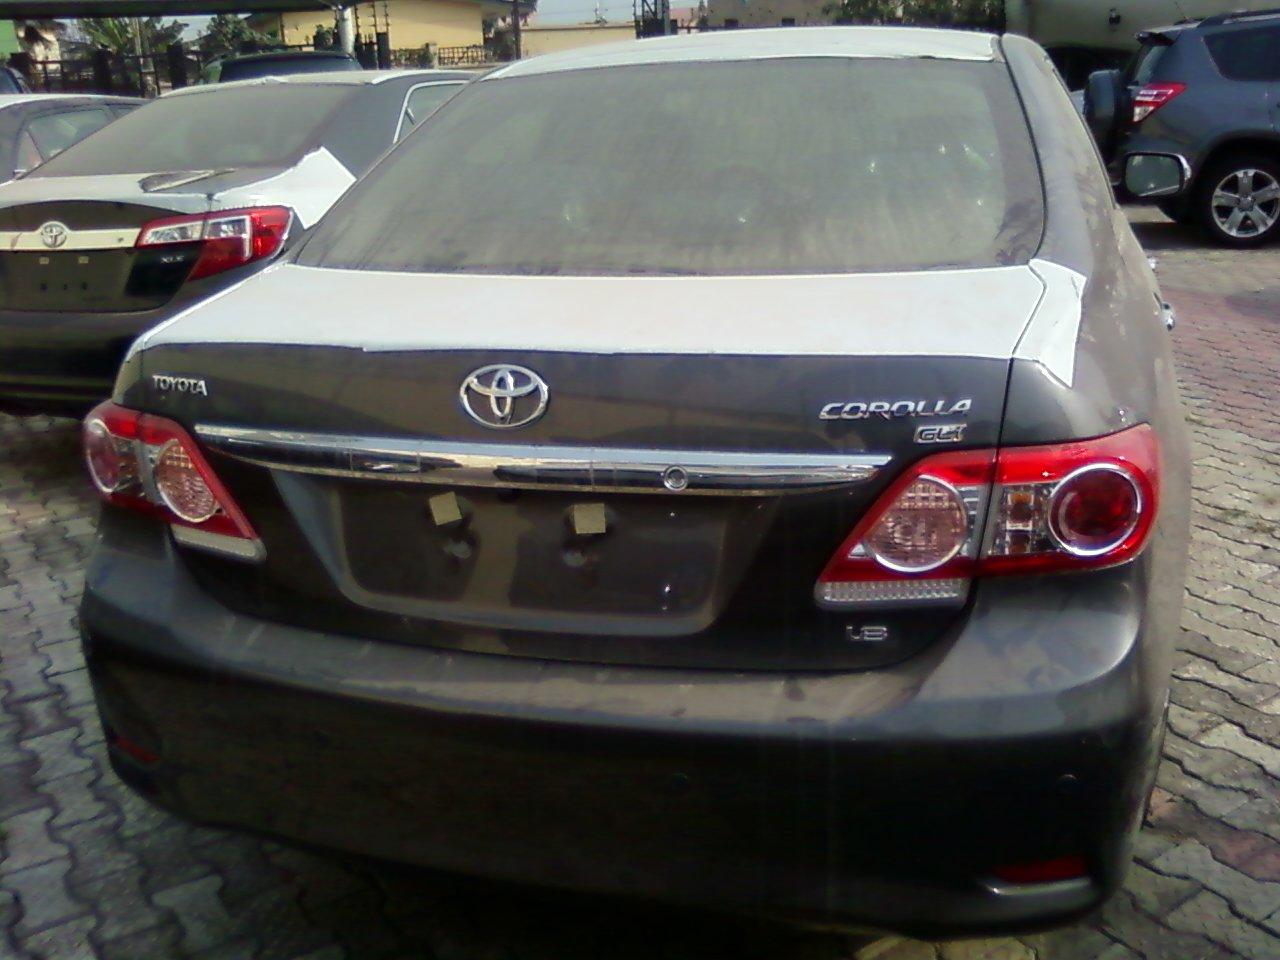 brand new toyota camry price in nigeria vellfire malaysia a 2013 corola gli for sale 5m